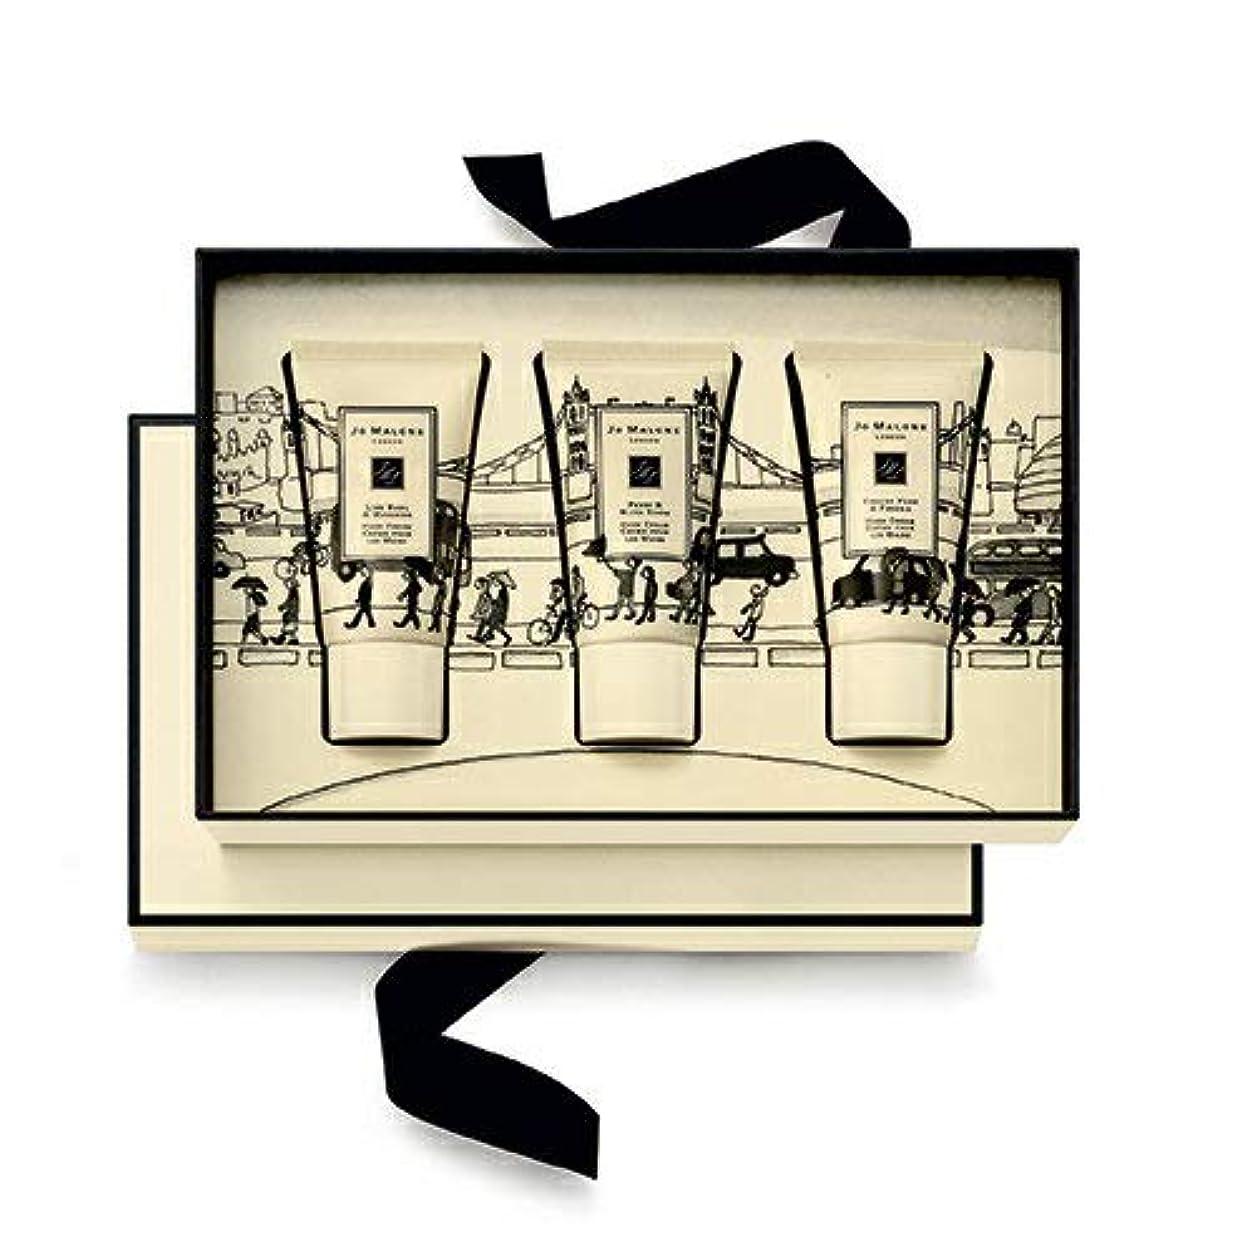 欠員意図的ねばねばジョー マローン ハンド クリーム コレクション 30ml×3(ライムバジル&マンダリン?ピオニー&ブラッシュスエード?イングリッシュペアー&フリージア)JO MALONE HAND CREAM TRIO COLLECTION...